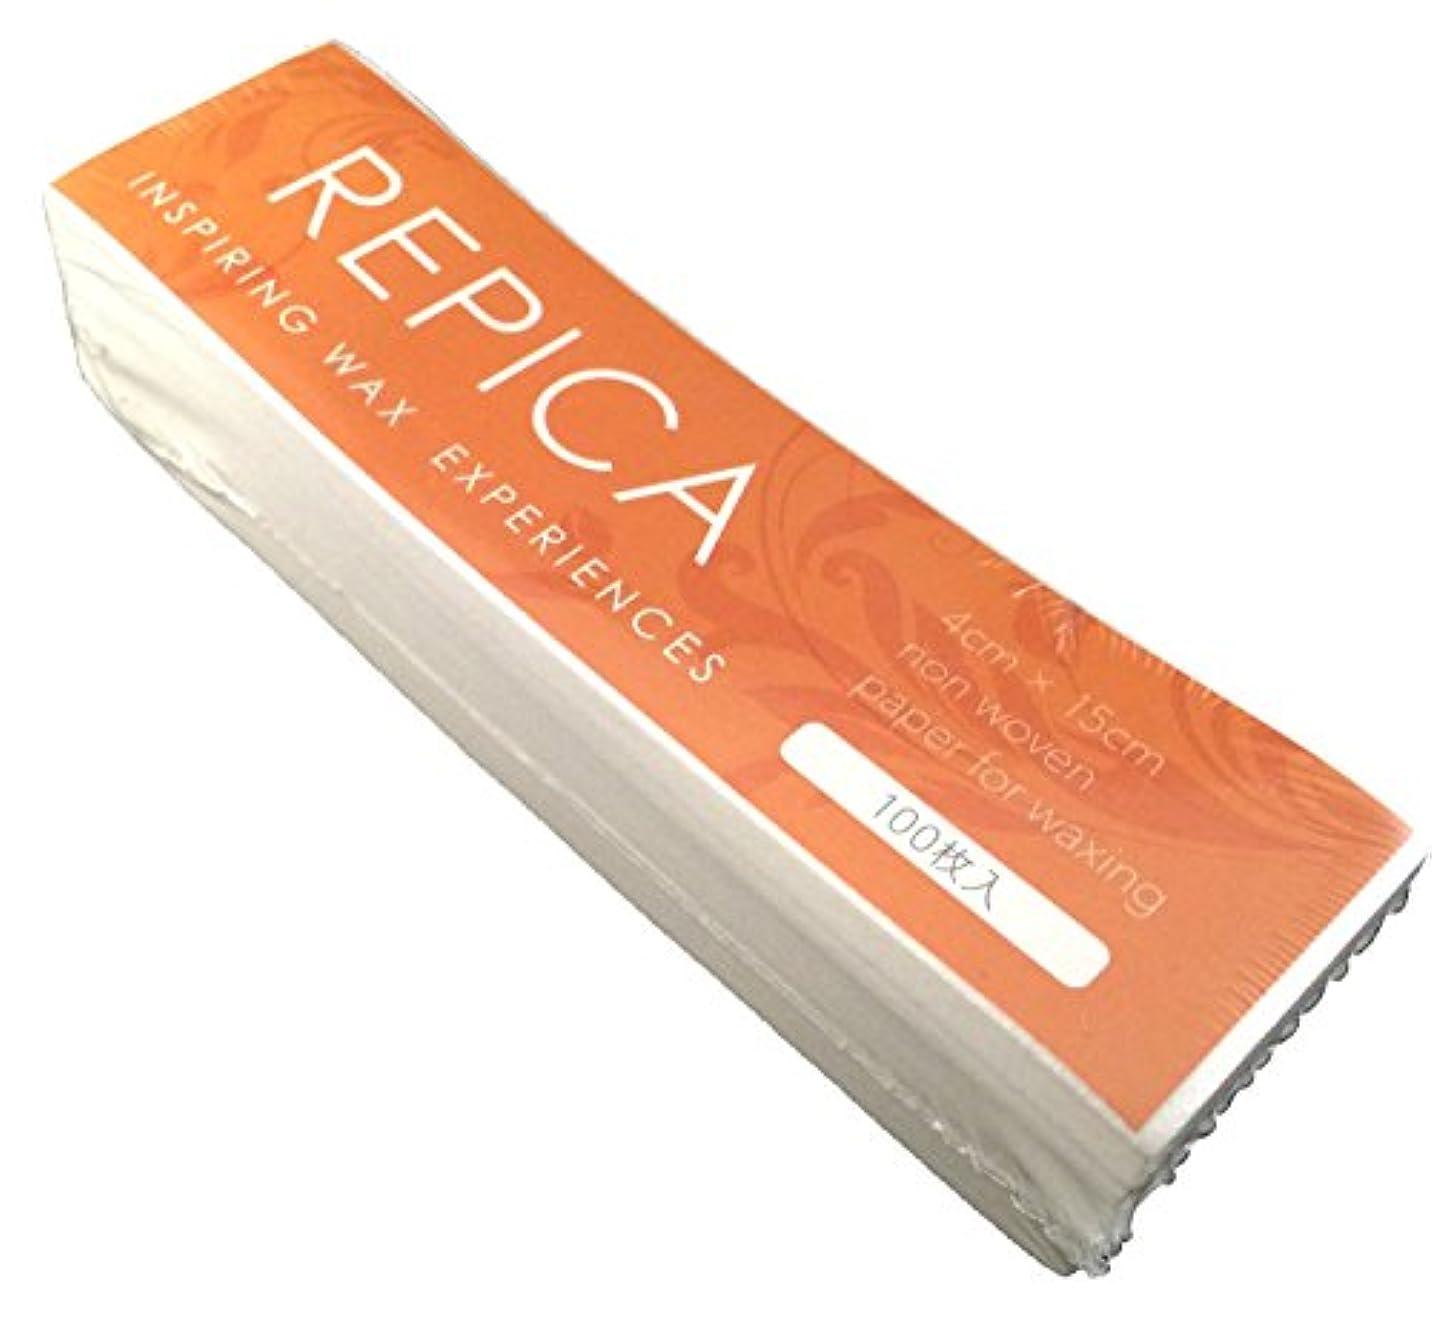 抱擁エロチック口径REPICA ブラジリアンワックス脱毛 カットペーパー Sサイズ100枚入り×5個セット ワックス脱毛 ワックスシート ストリップシート